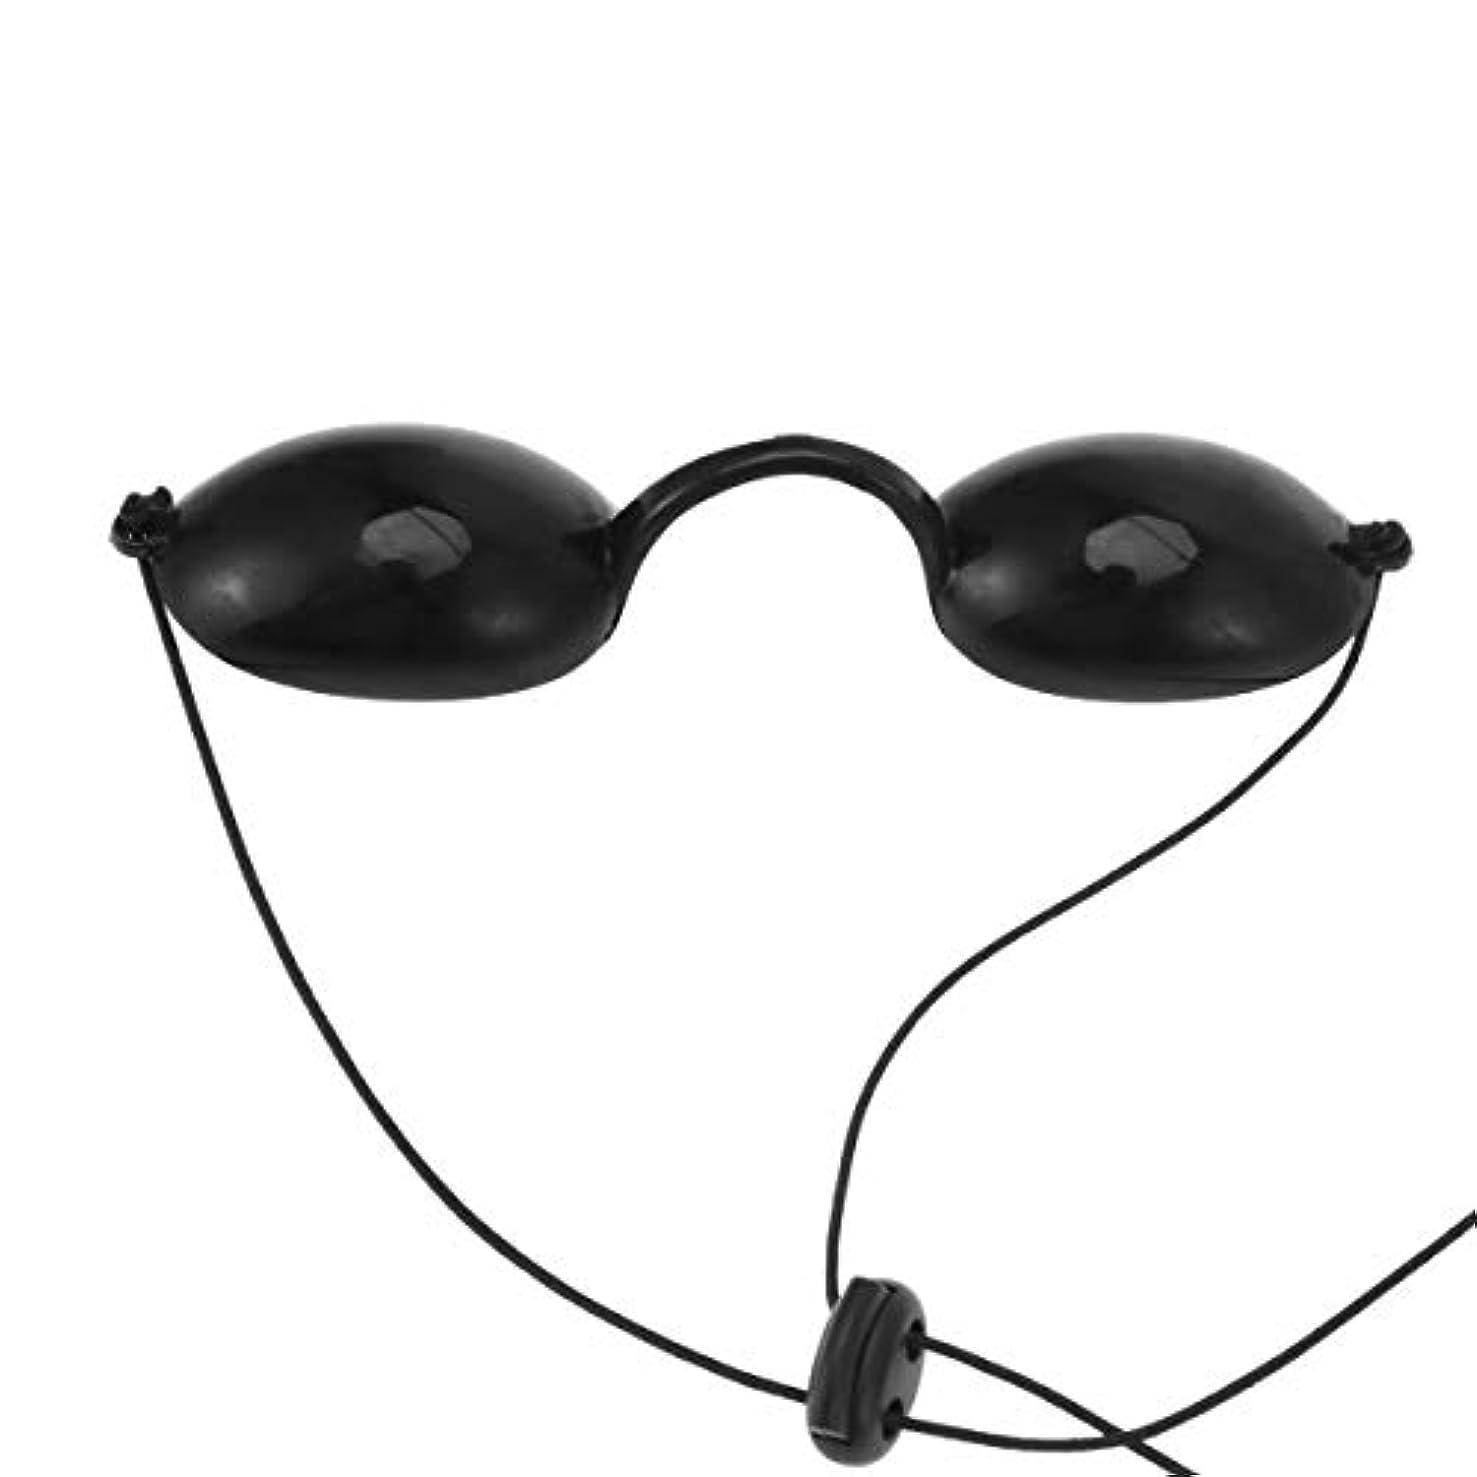 別に比較的こねるHealifty 眼用保護具日焼け止めゴーグル不透明保護メガネアイシールドスペシャル(目黒)